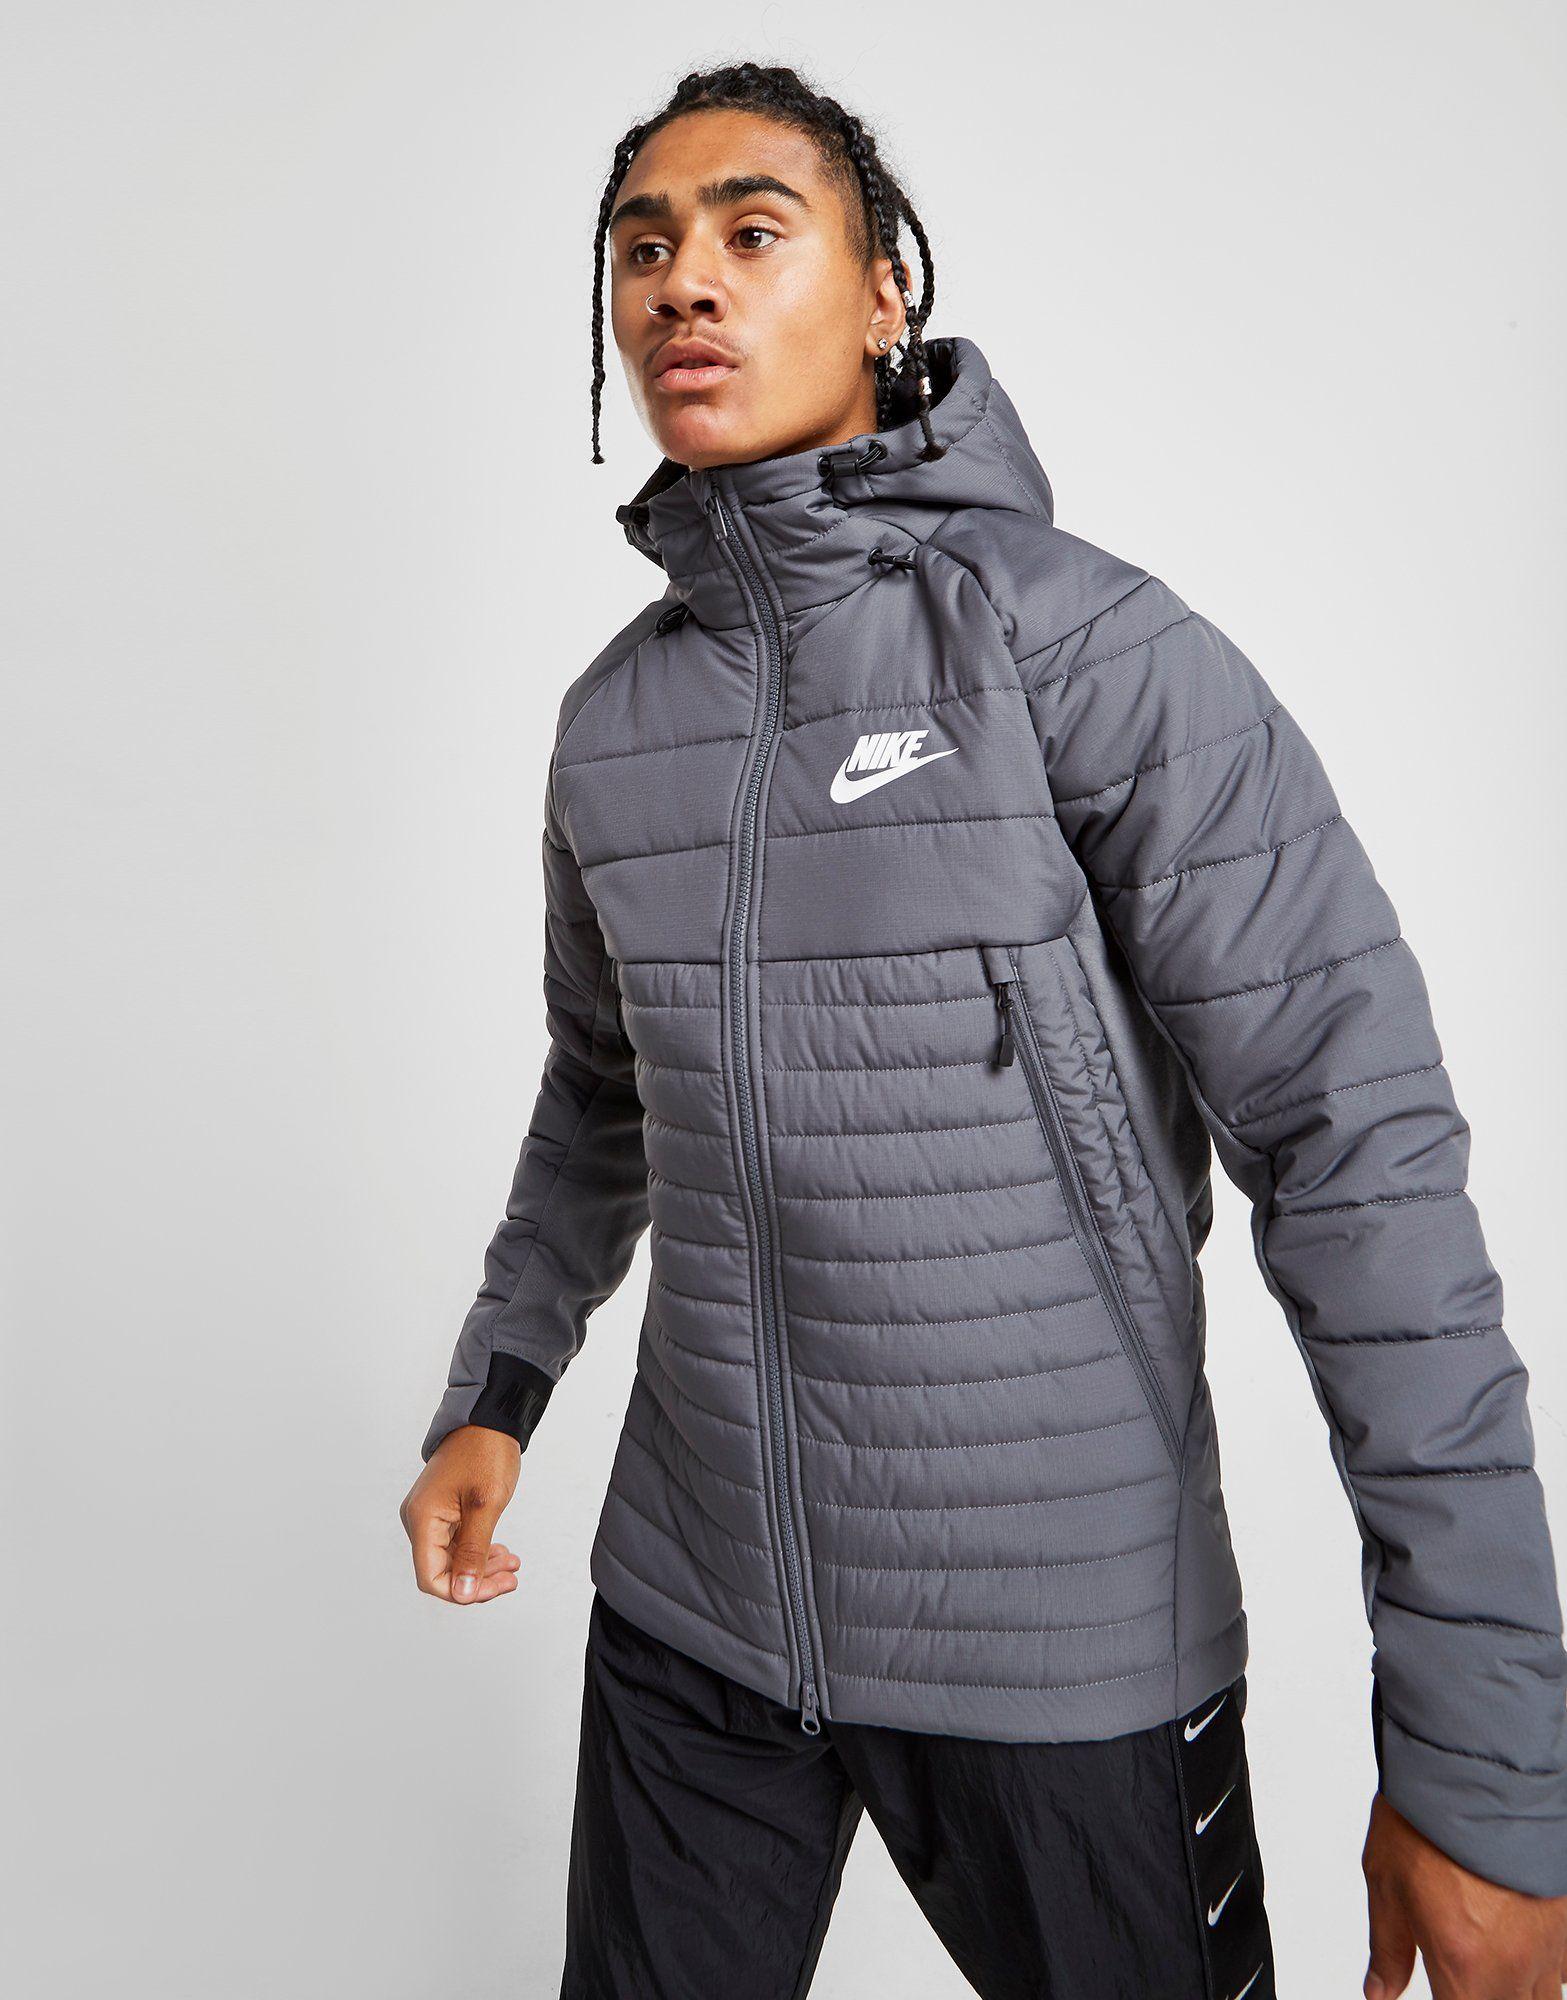 nike advance fleece 15 all over print full zip